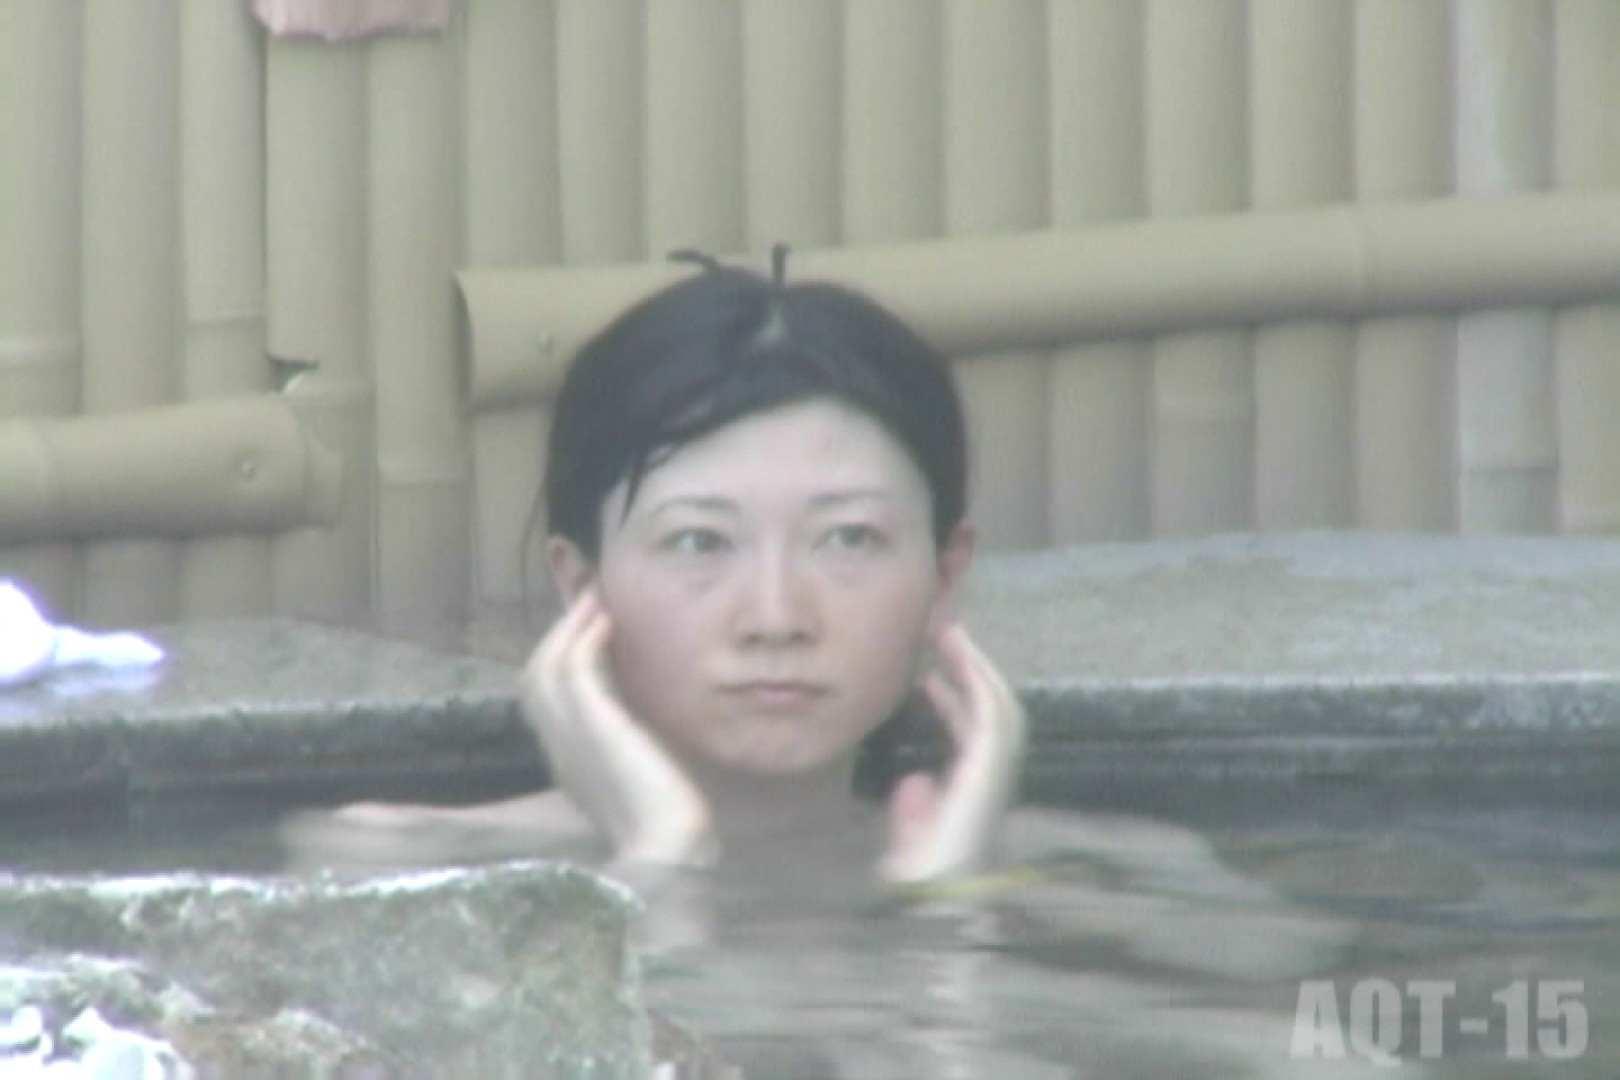 Aquaな露天風呂Vol.835 盗撮シリーズ  92PIX 36